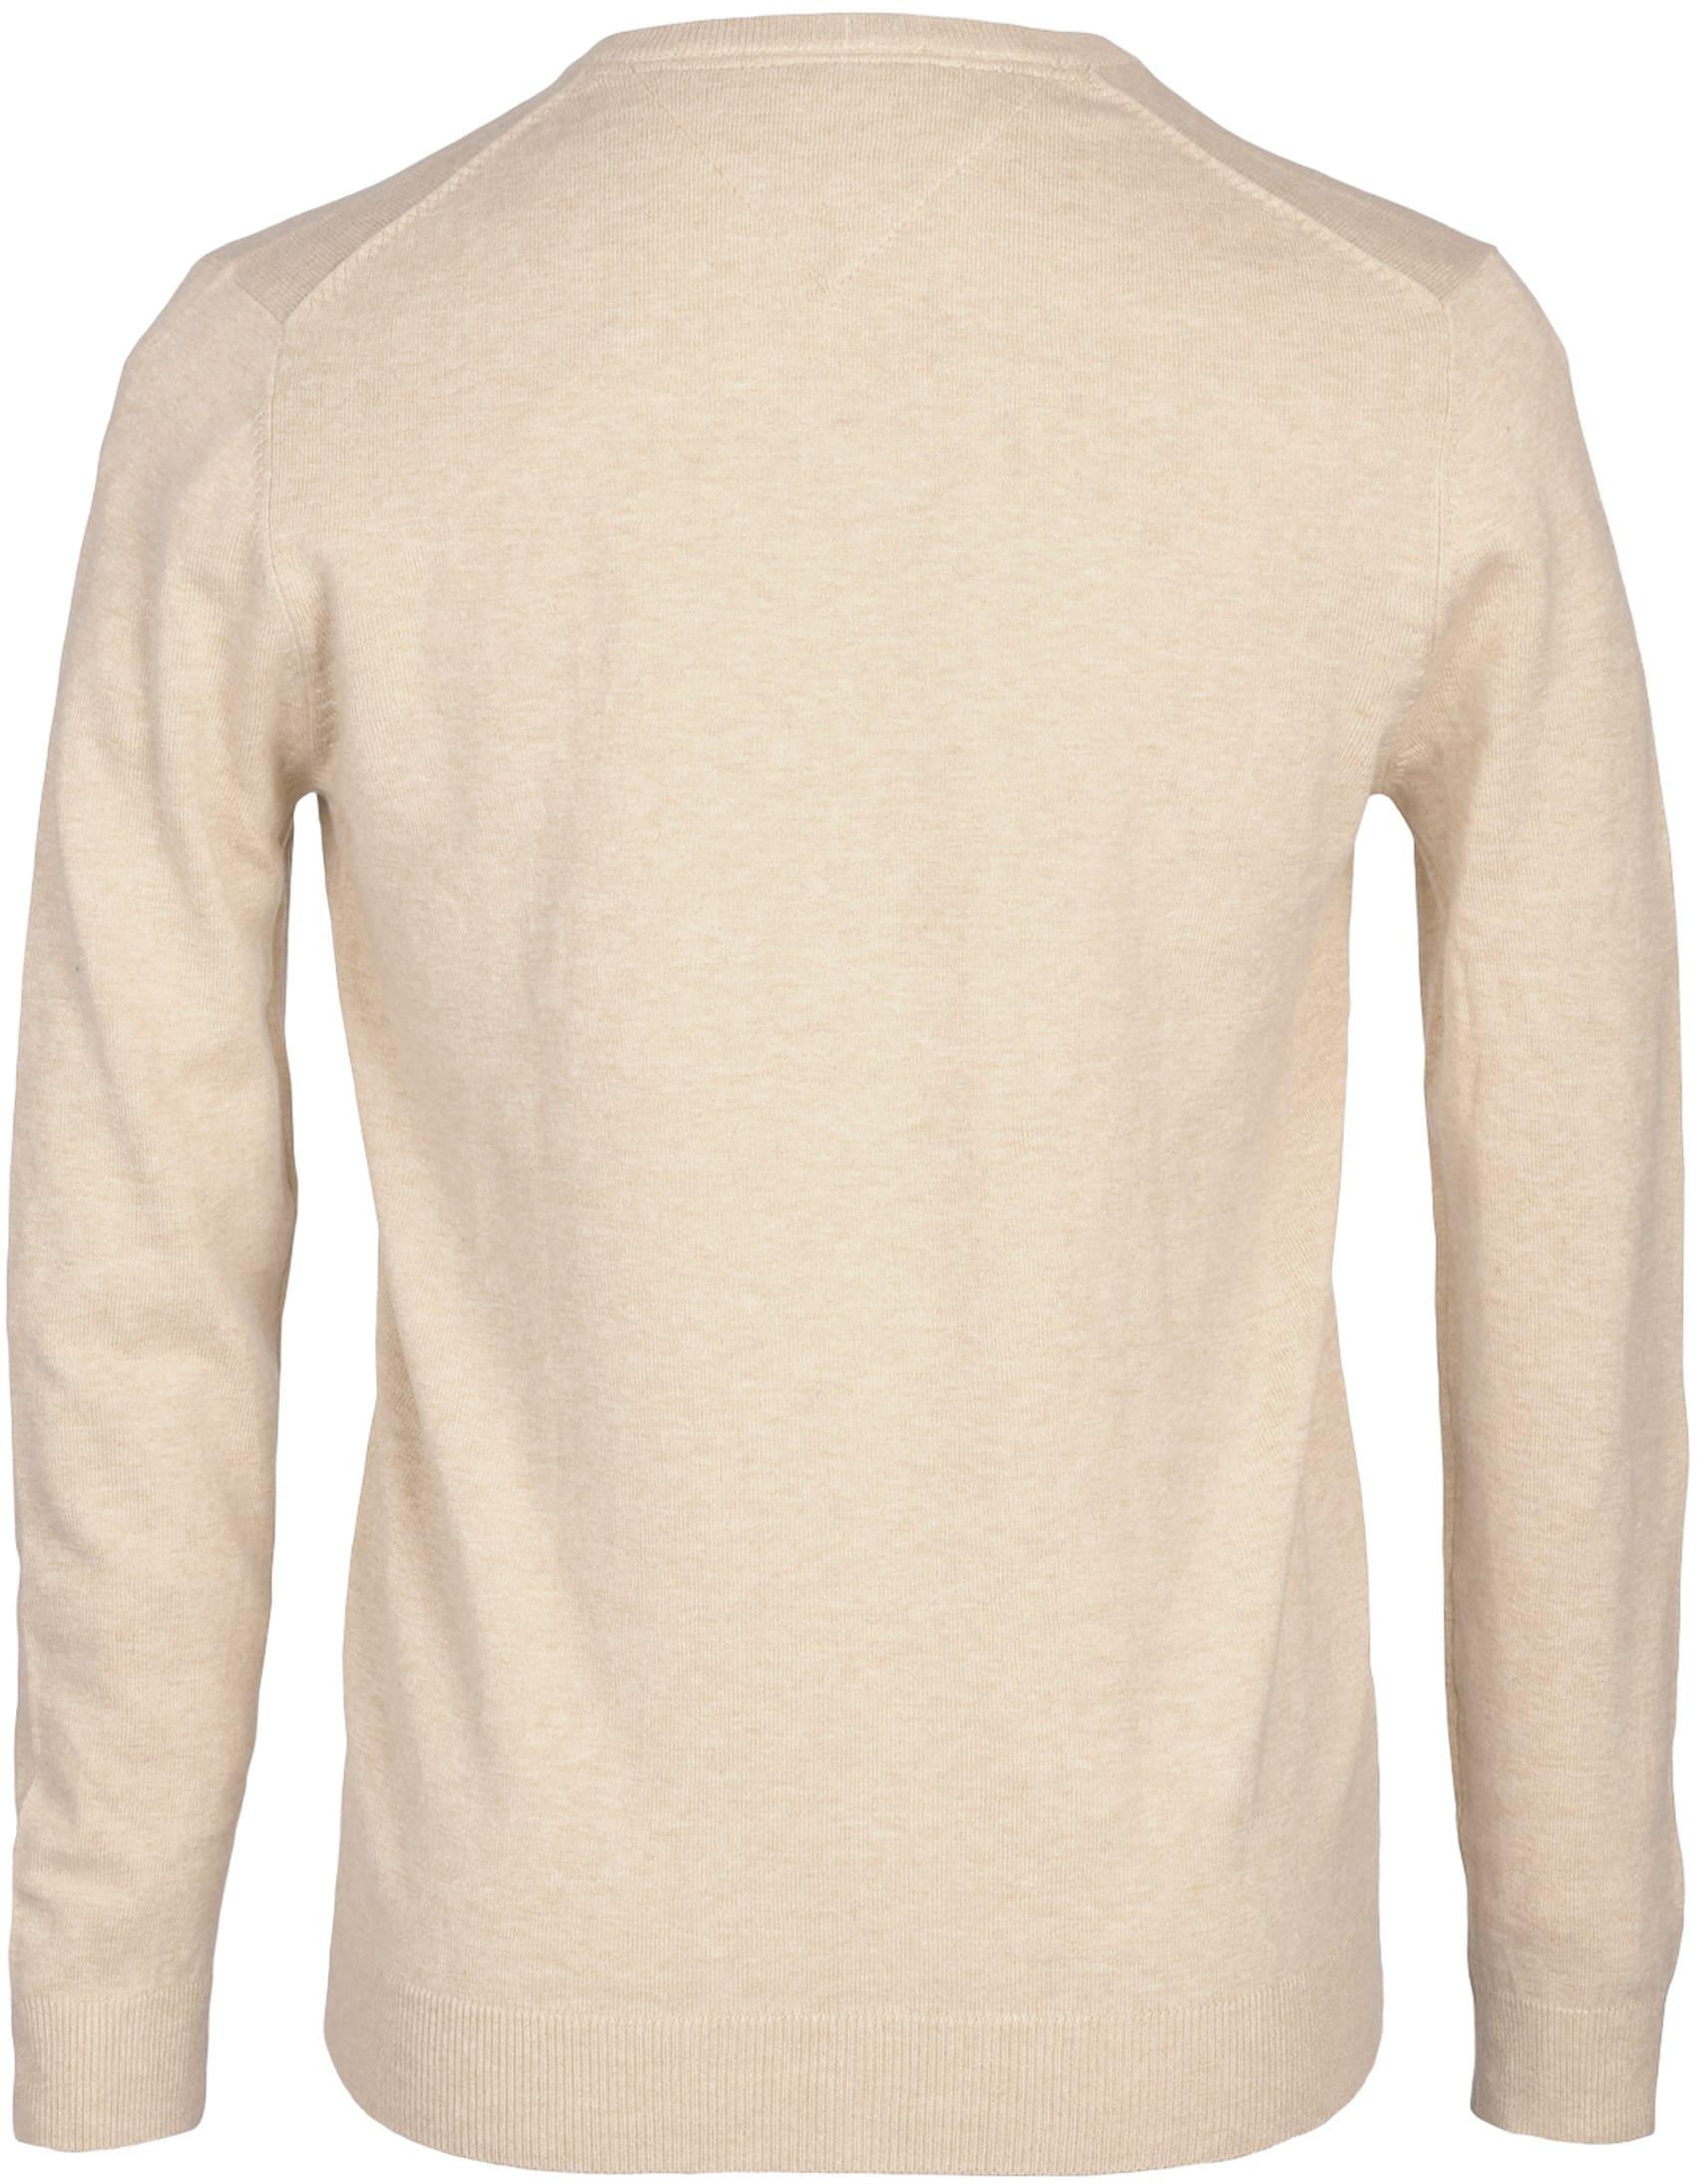 Profuomo Pullover V-Hals Sand foto 2